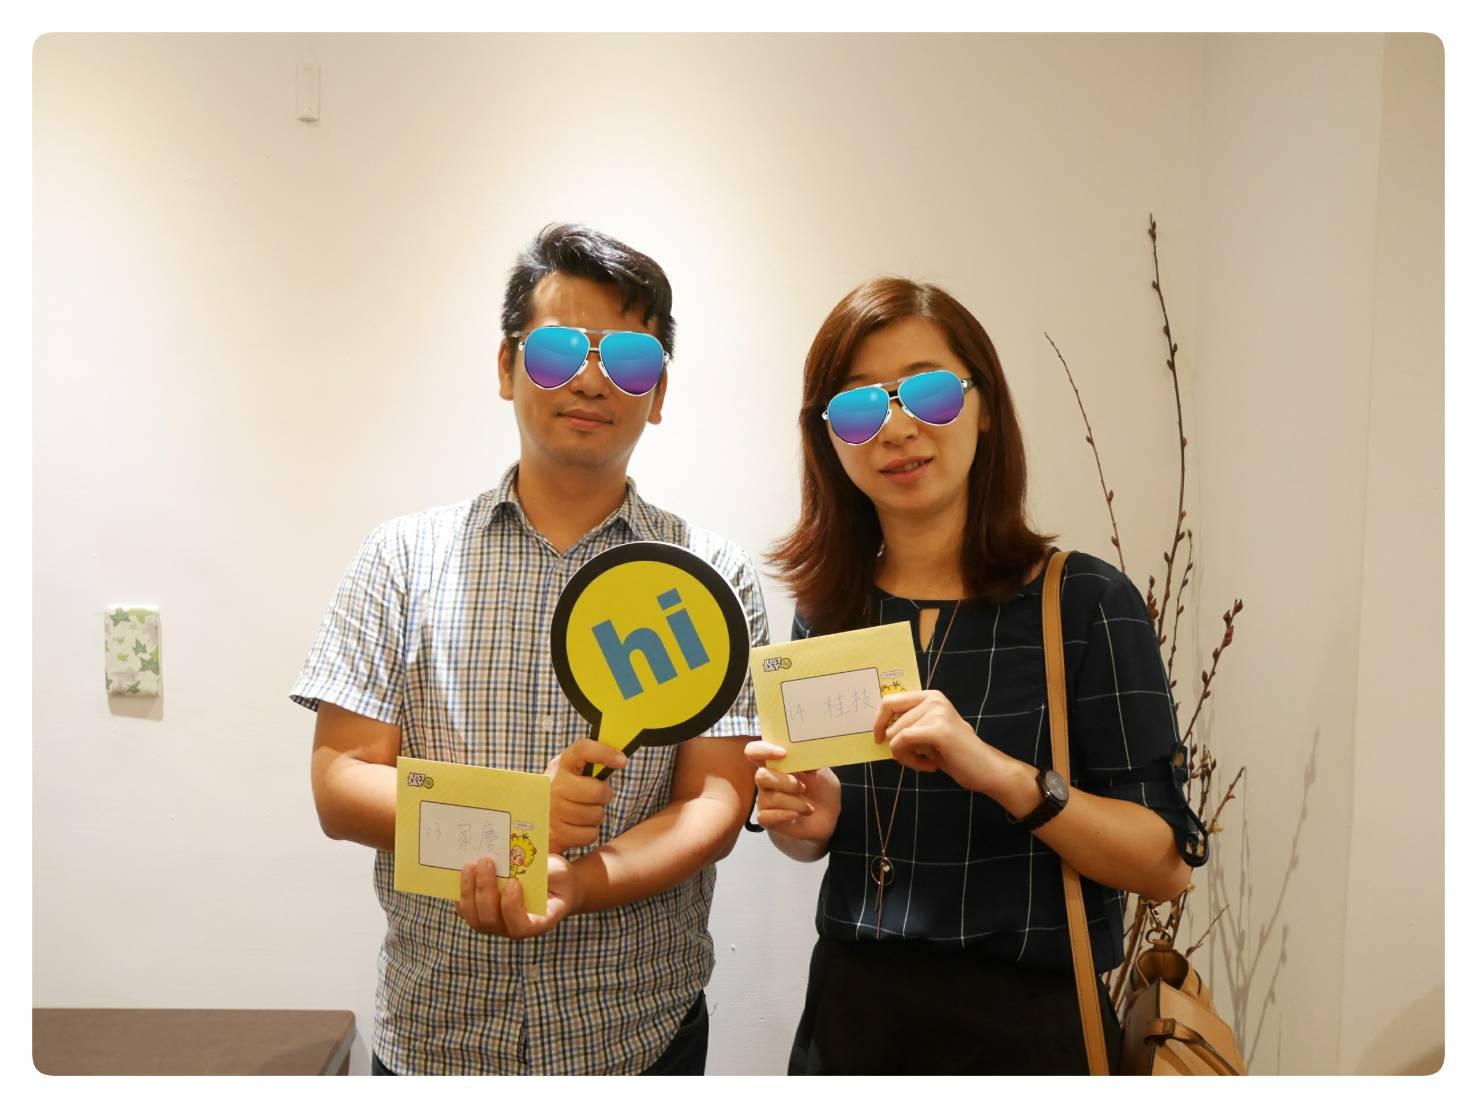 恭喜英先生、吳小姐配對成功!